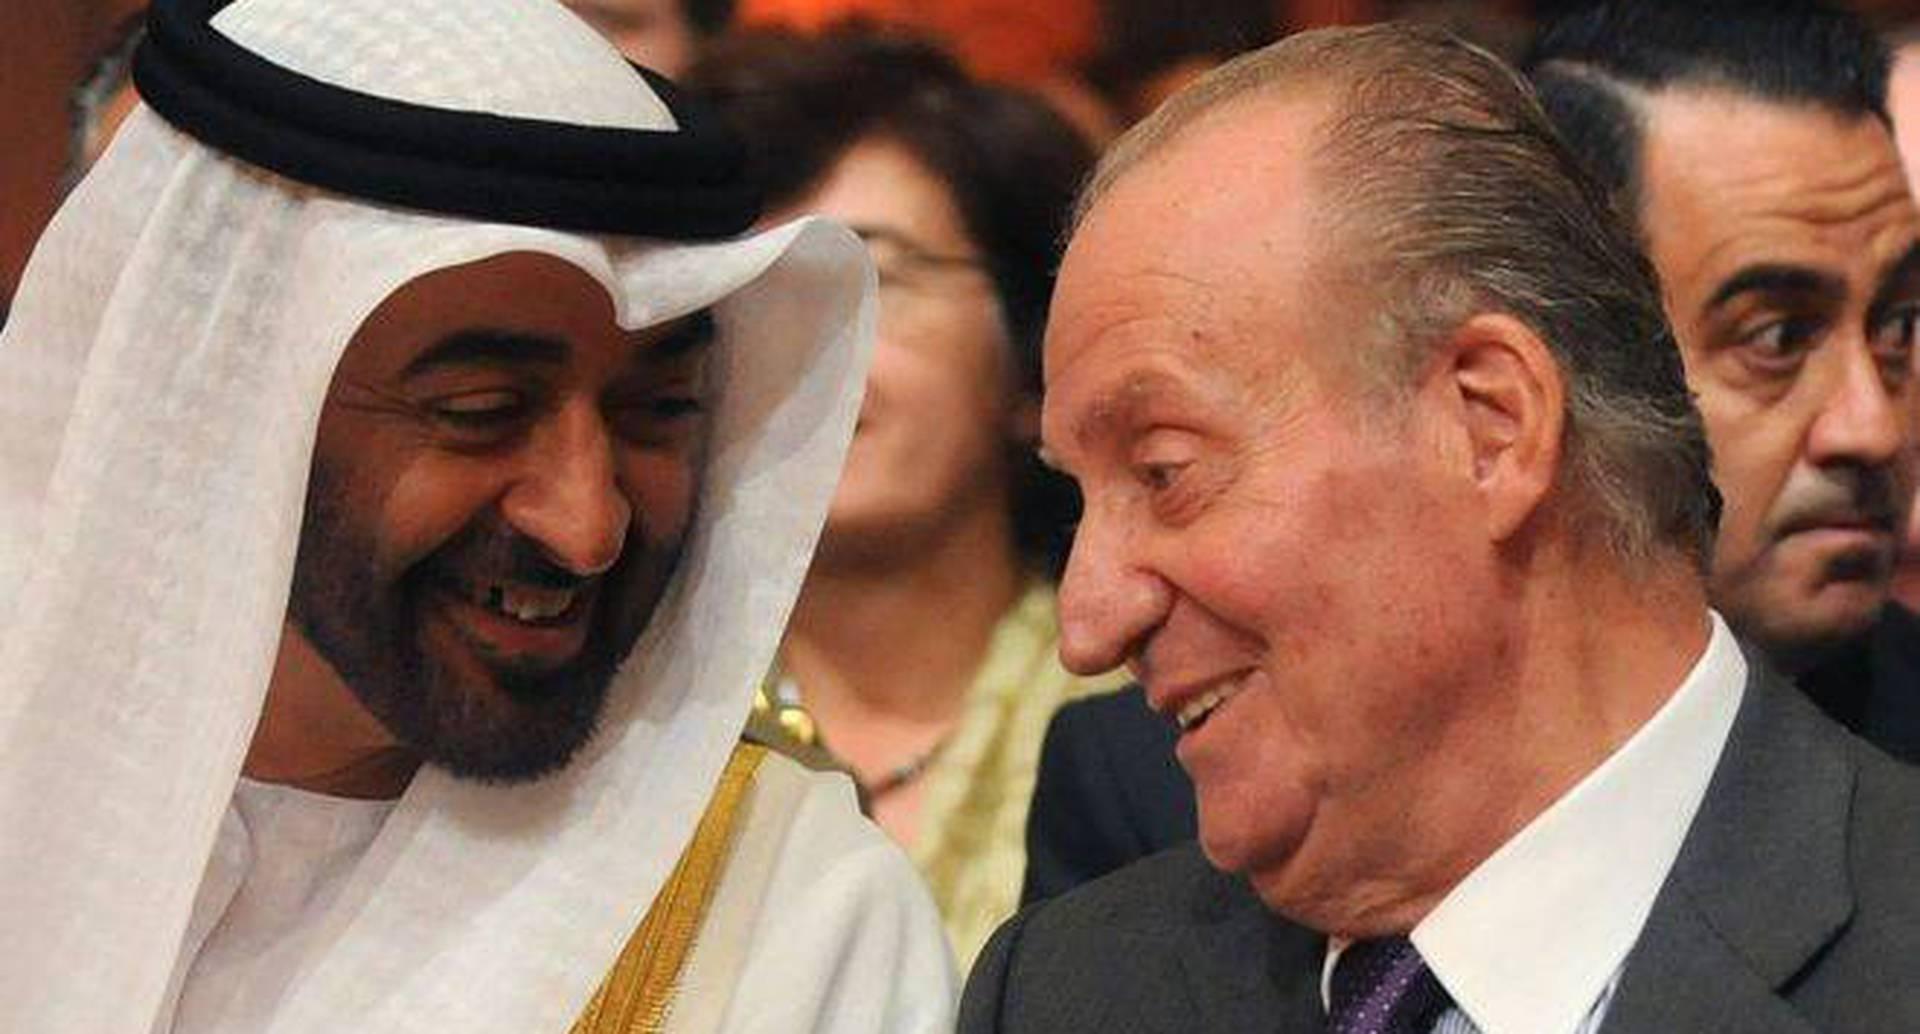 Juan Carlos I mantiene una buena amistad con el gobernante de Abu Dabi y de facto de los EAU, Mohamed bin Zayed al Nahyan.